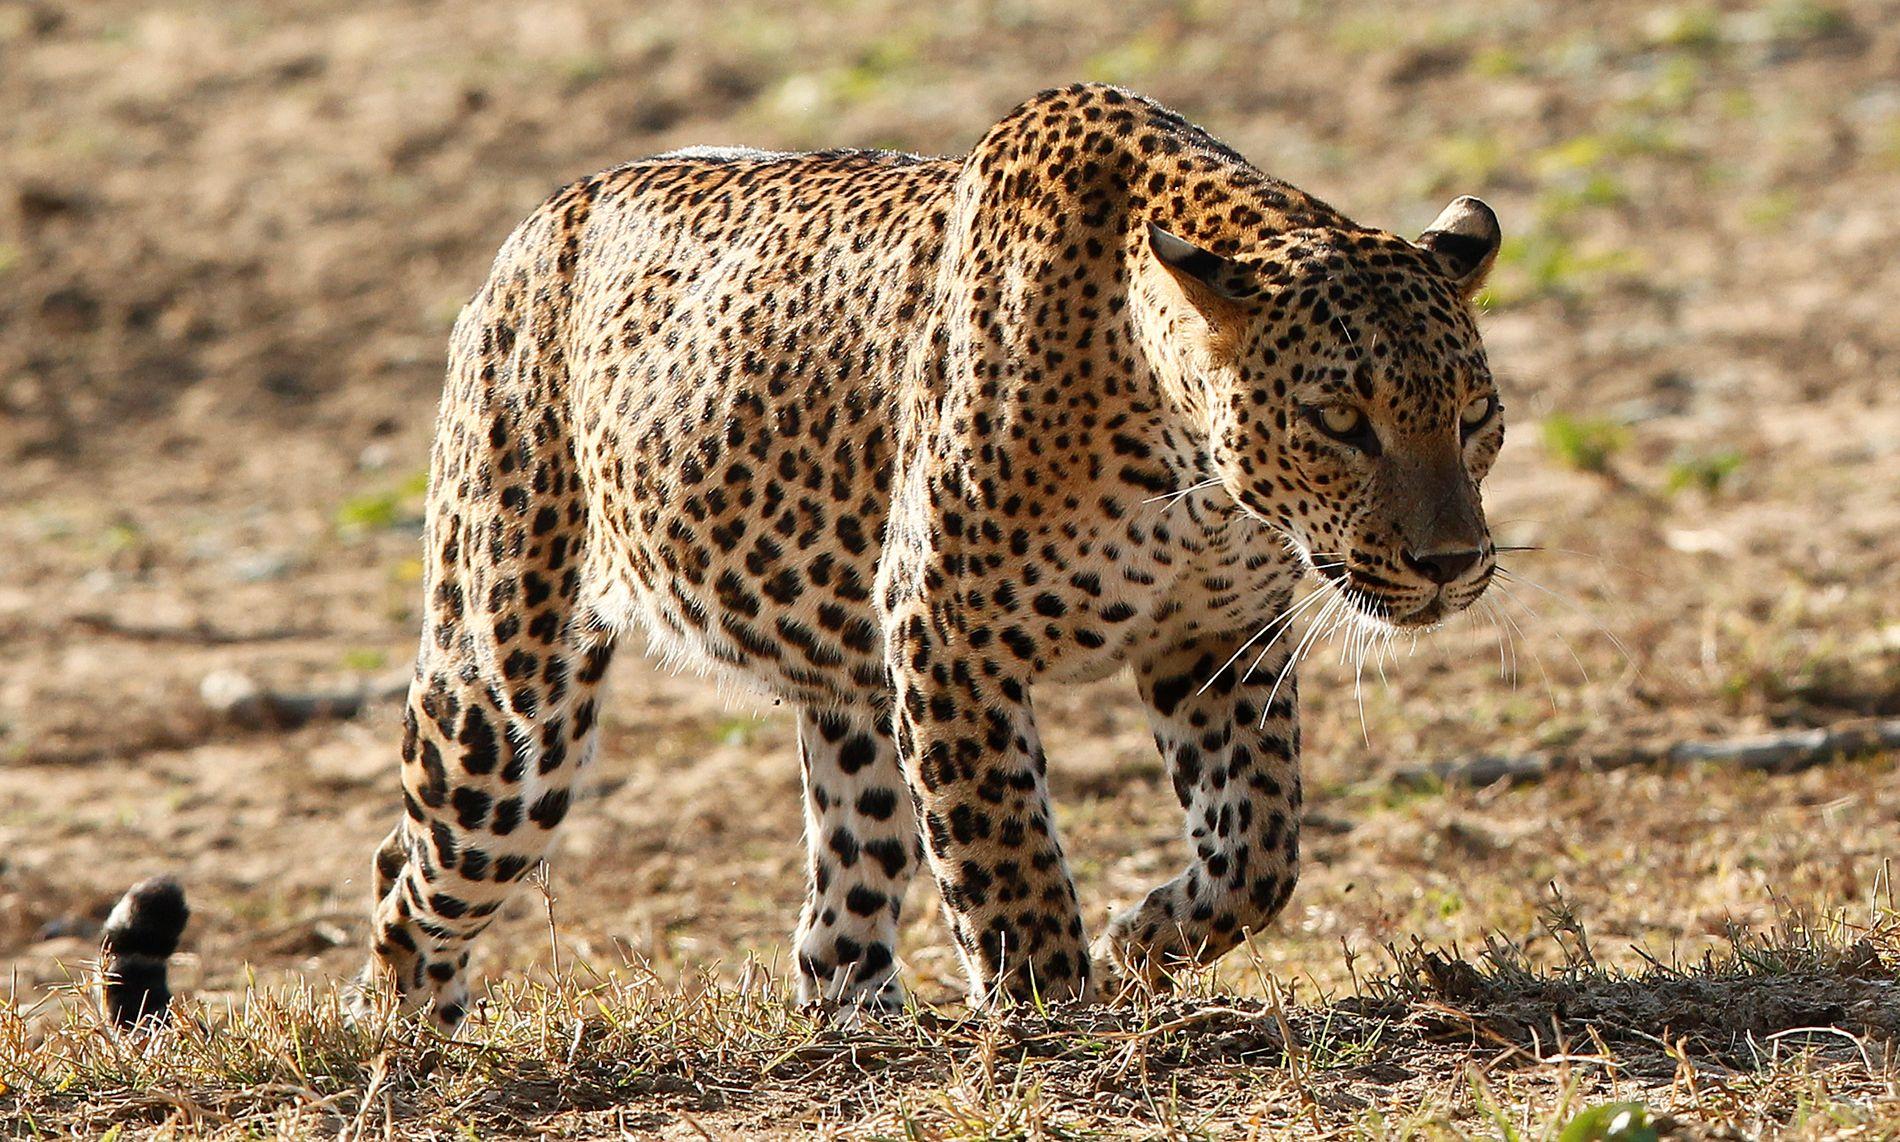 DREPTE MUNK: Munken Rahul Walke Bodhi ble denne uken drept av en leopard i det indiske tigerreservatet Tadoba Andhari. Denneleoparden er avbildet i en nasjonalpark i Sri Lanka.